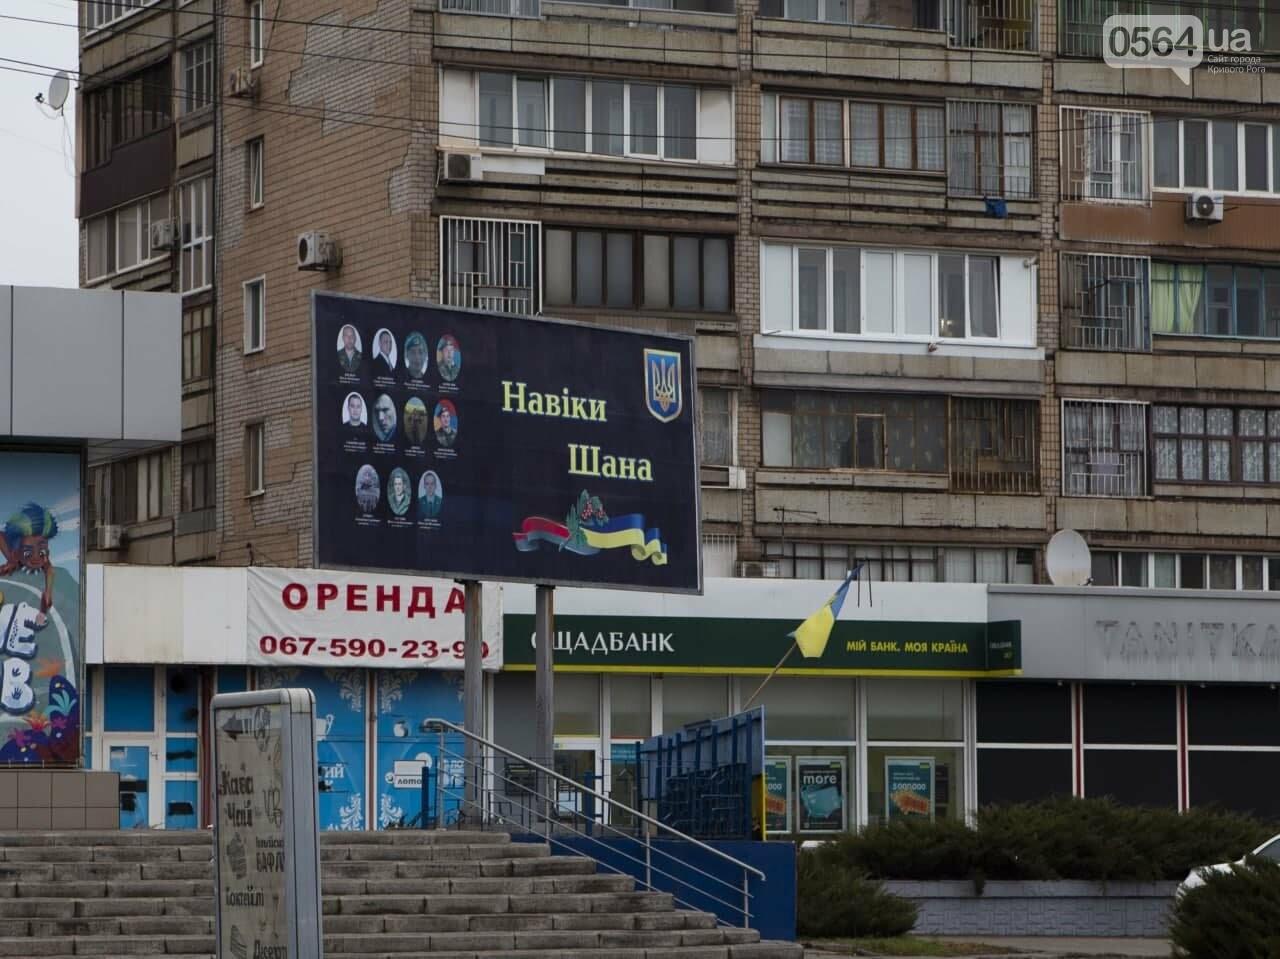 В центре Кривого Рога разместили борд с фотографиями погибших в АТО Героев, - ФОТО , фото-2